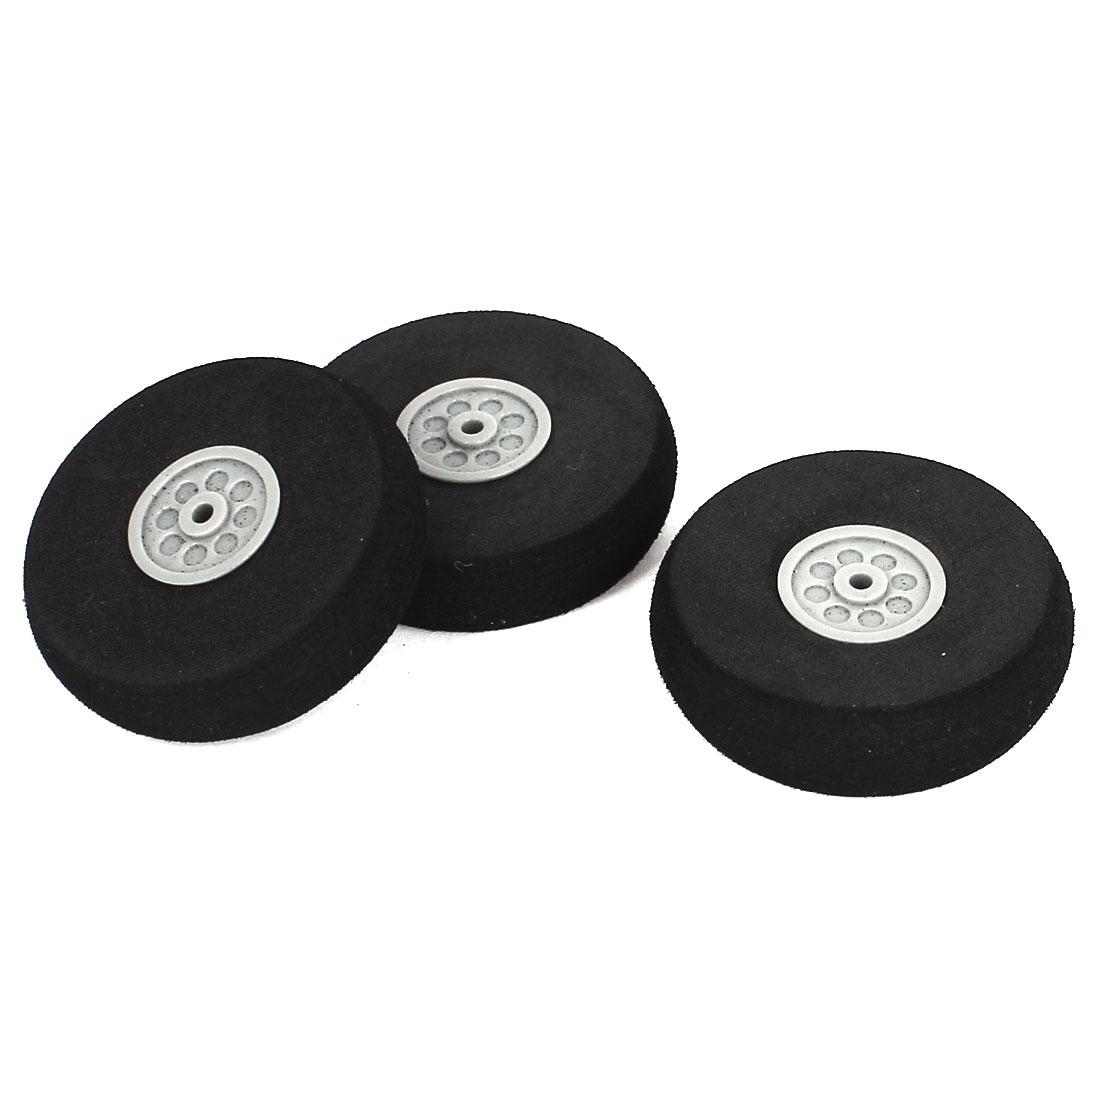 3PCS Diameter 40 x 3 x 11mm Sponge Wheels Parts for RC Plane